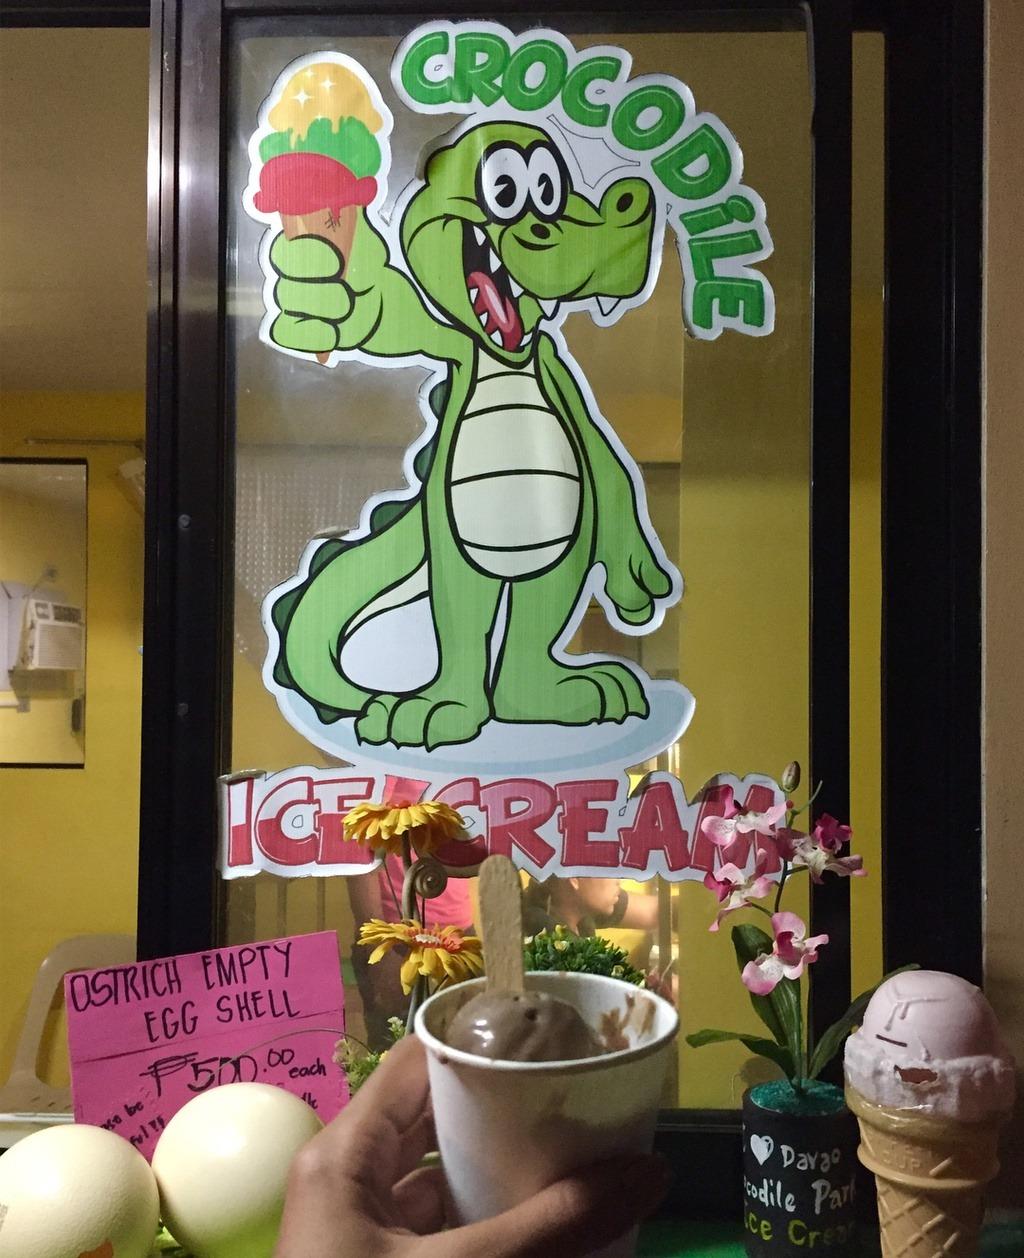 Nếu sang Philippines, du khách hãy thưởng thức những món ăn độc đáo tại đất nước này, trong đó có món kem trứng cá sấu. Kem có thành phần là trứng cá sấu, những quả trứng không nở được, không gây ảnh hưởng đến sự sinh trưởng của loài động vật hoang dã này. Ảnh: cindy_tubio.